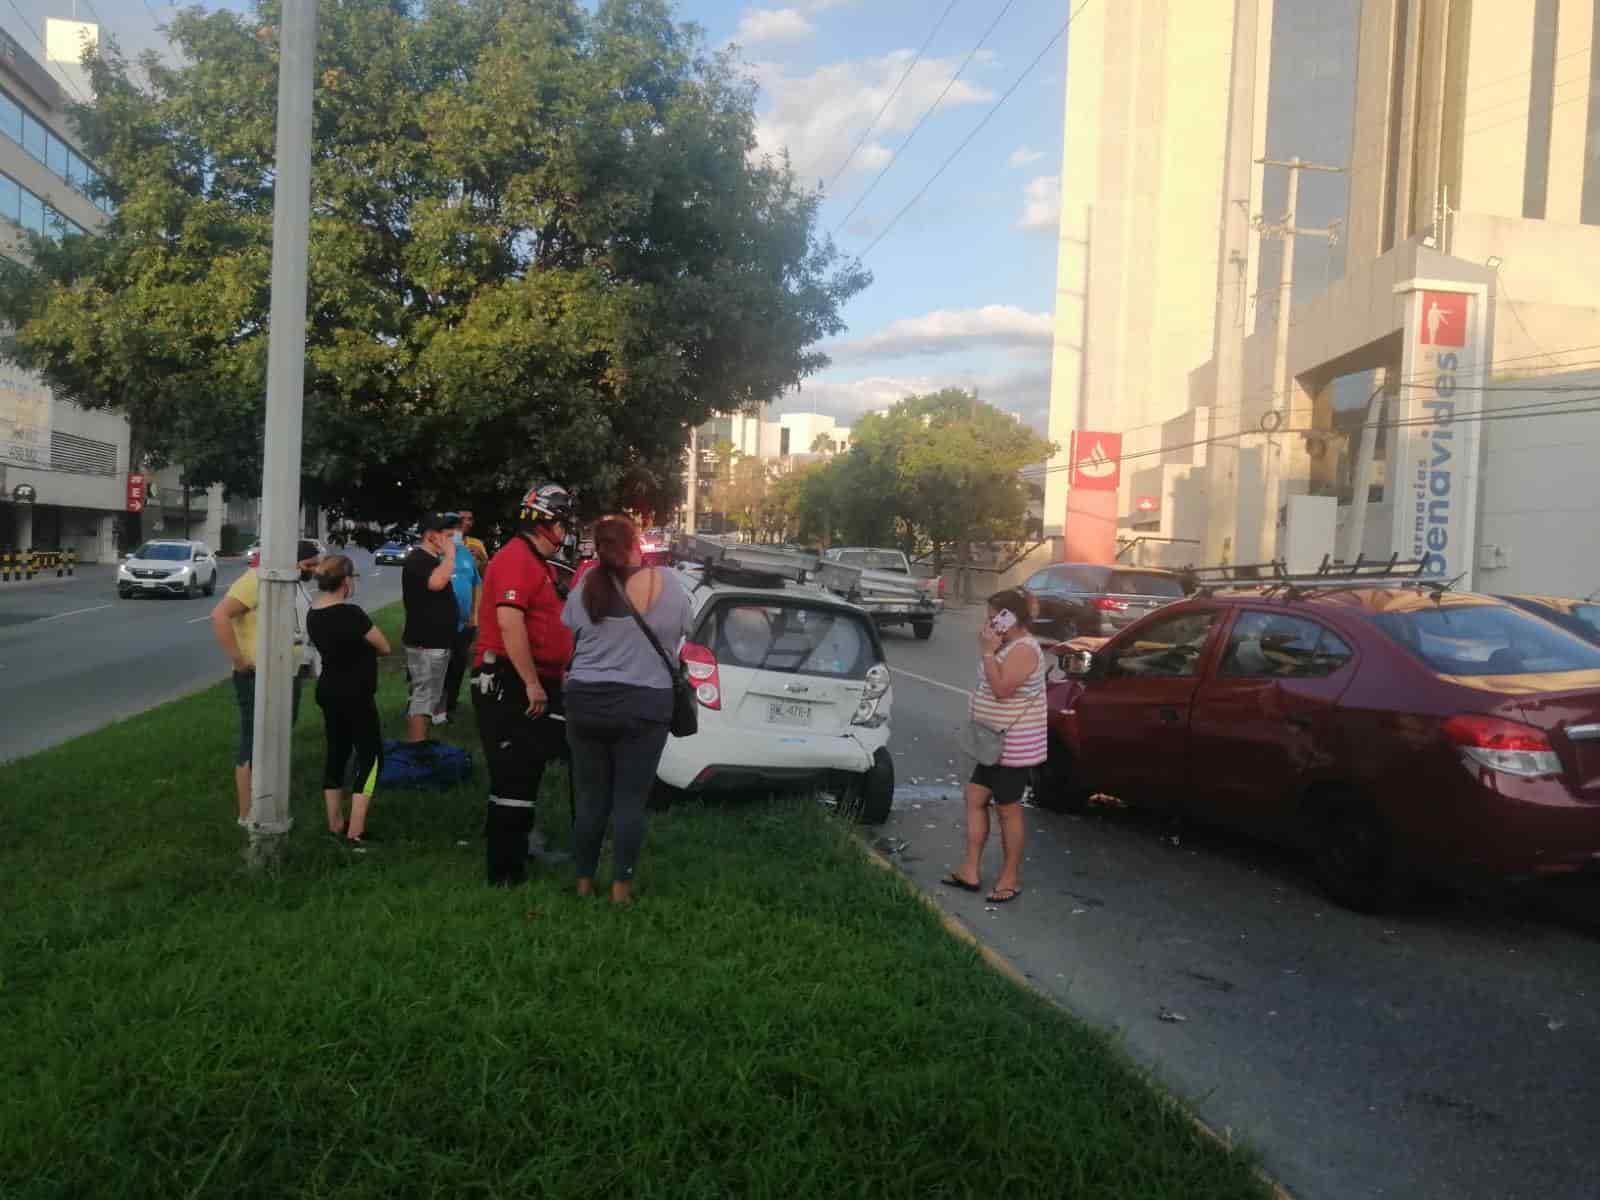 La mujer se impactó con tres vehículos donde por fortuna no hubo lesionados